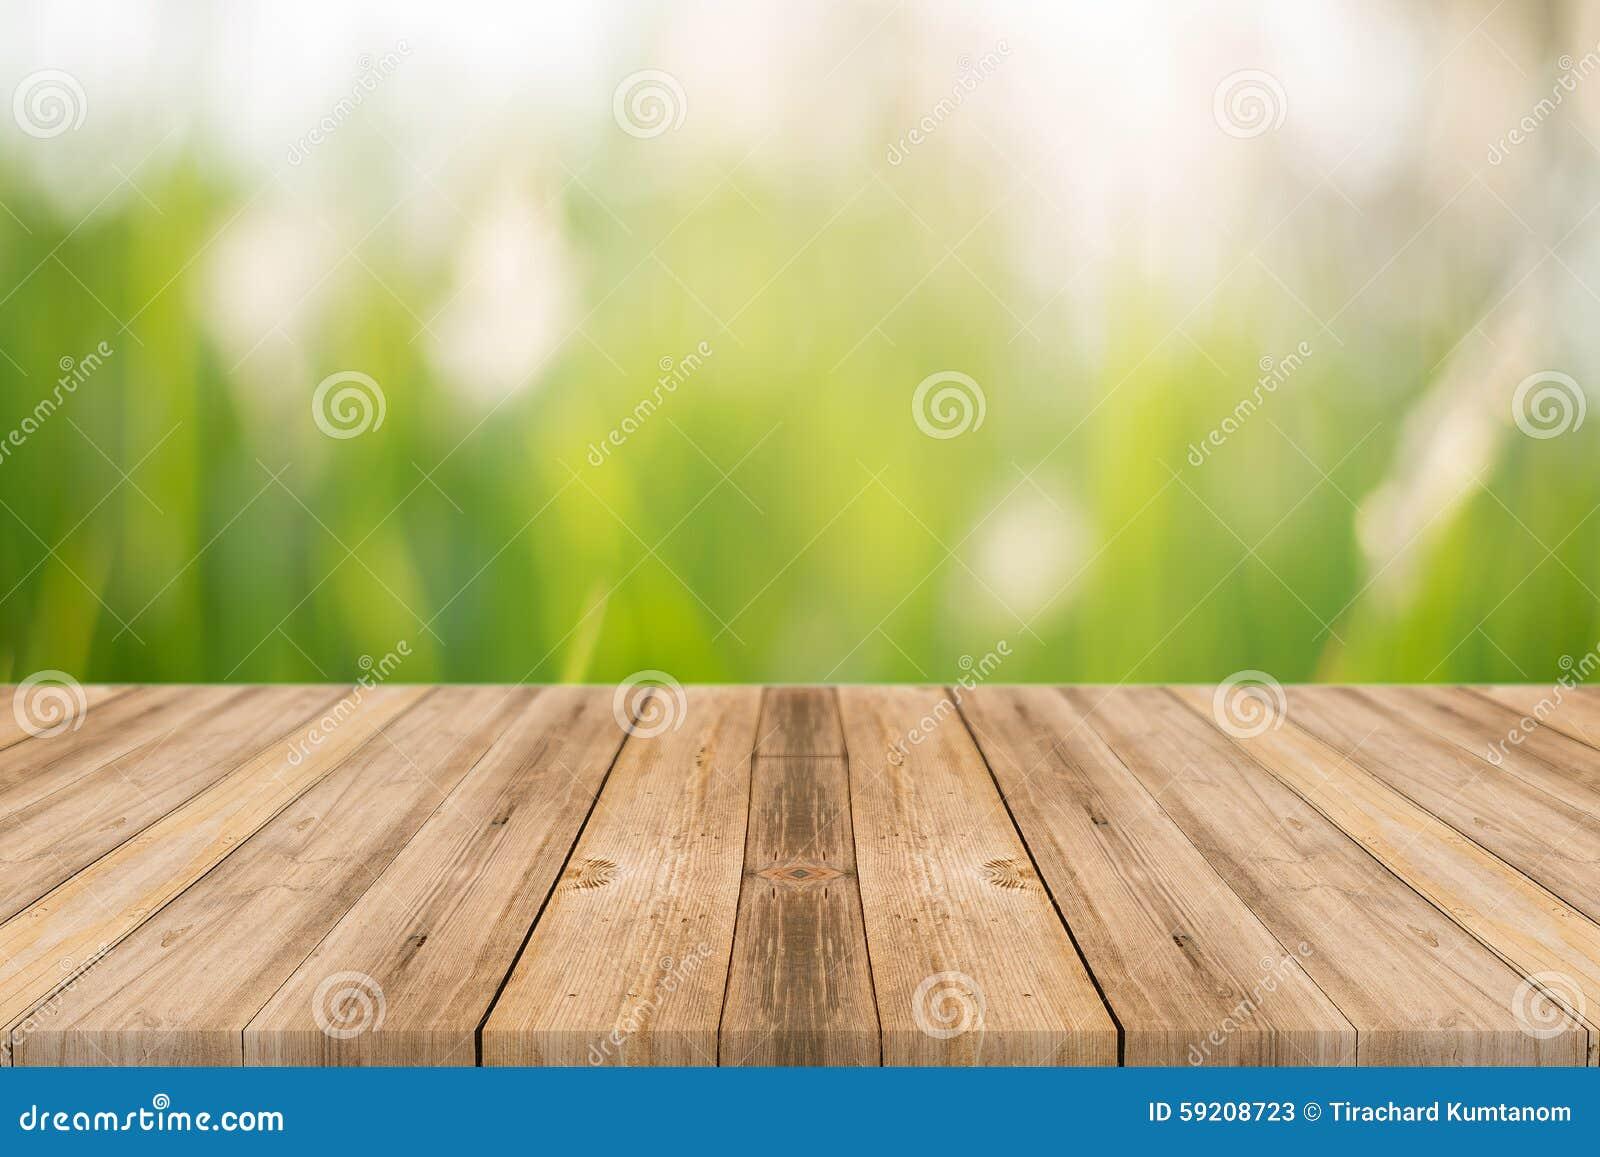 Drewnianej deski plamy puści stołowi drzewa w lasowym tle